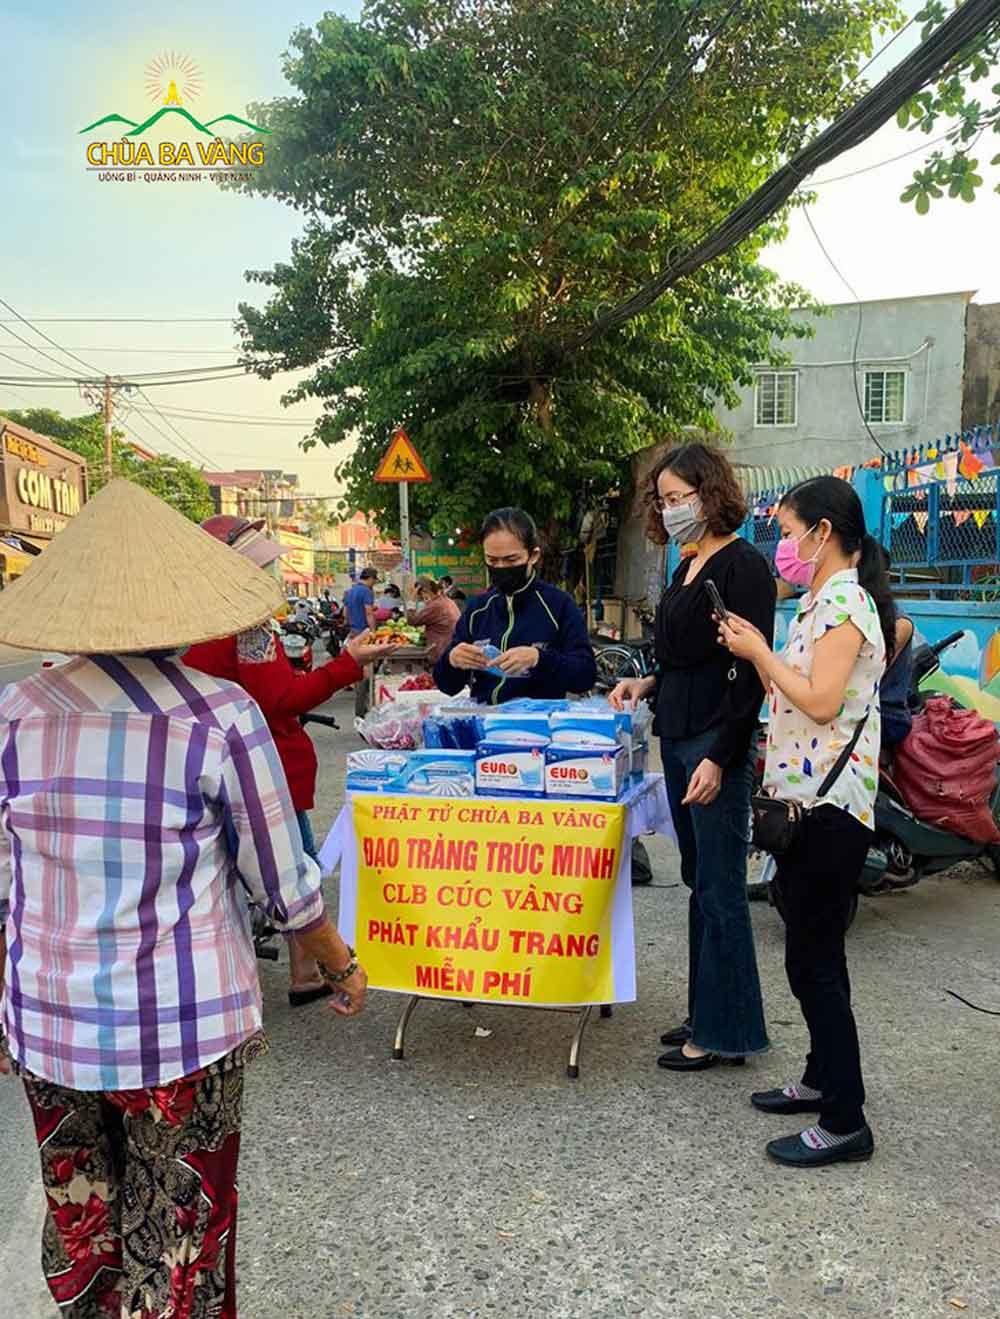 Các Phật tử chùa Ba Vàng sinh hoạt trong đạo tràng Trúc Minh phát khẩu trang miễn phí